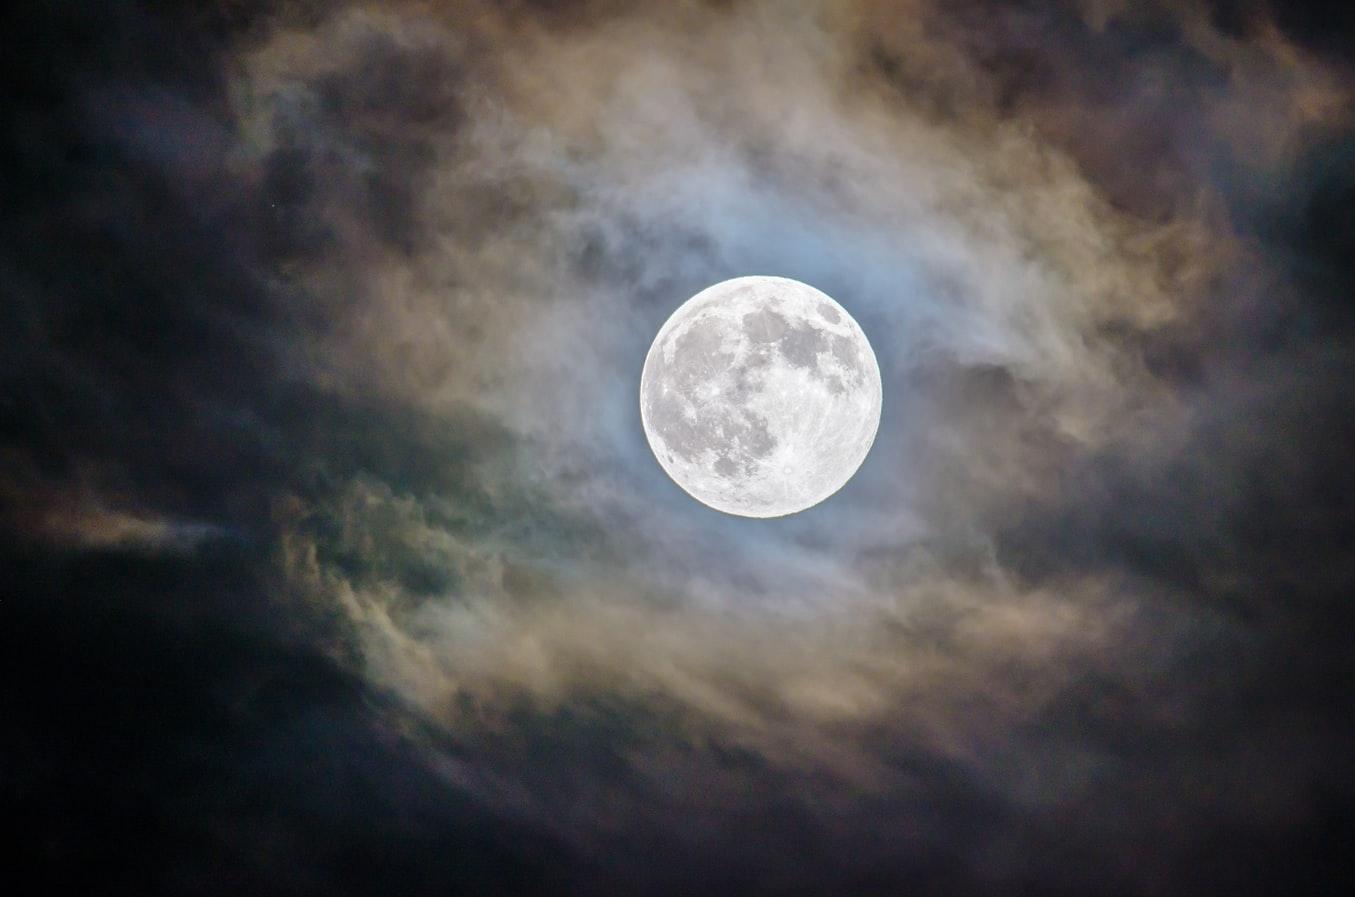 Foto mesiaca, japonci chcú stavať základňu